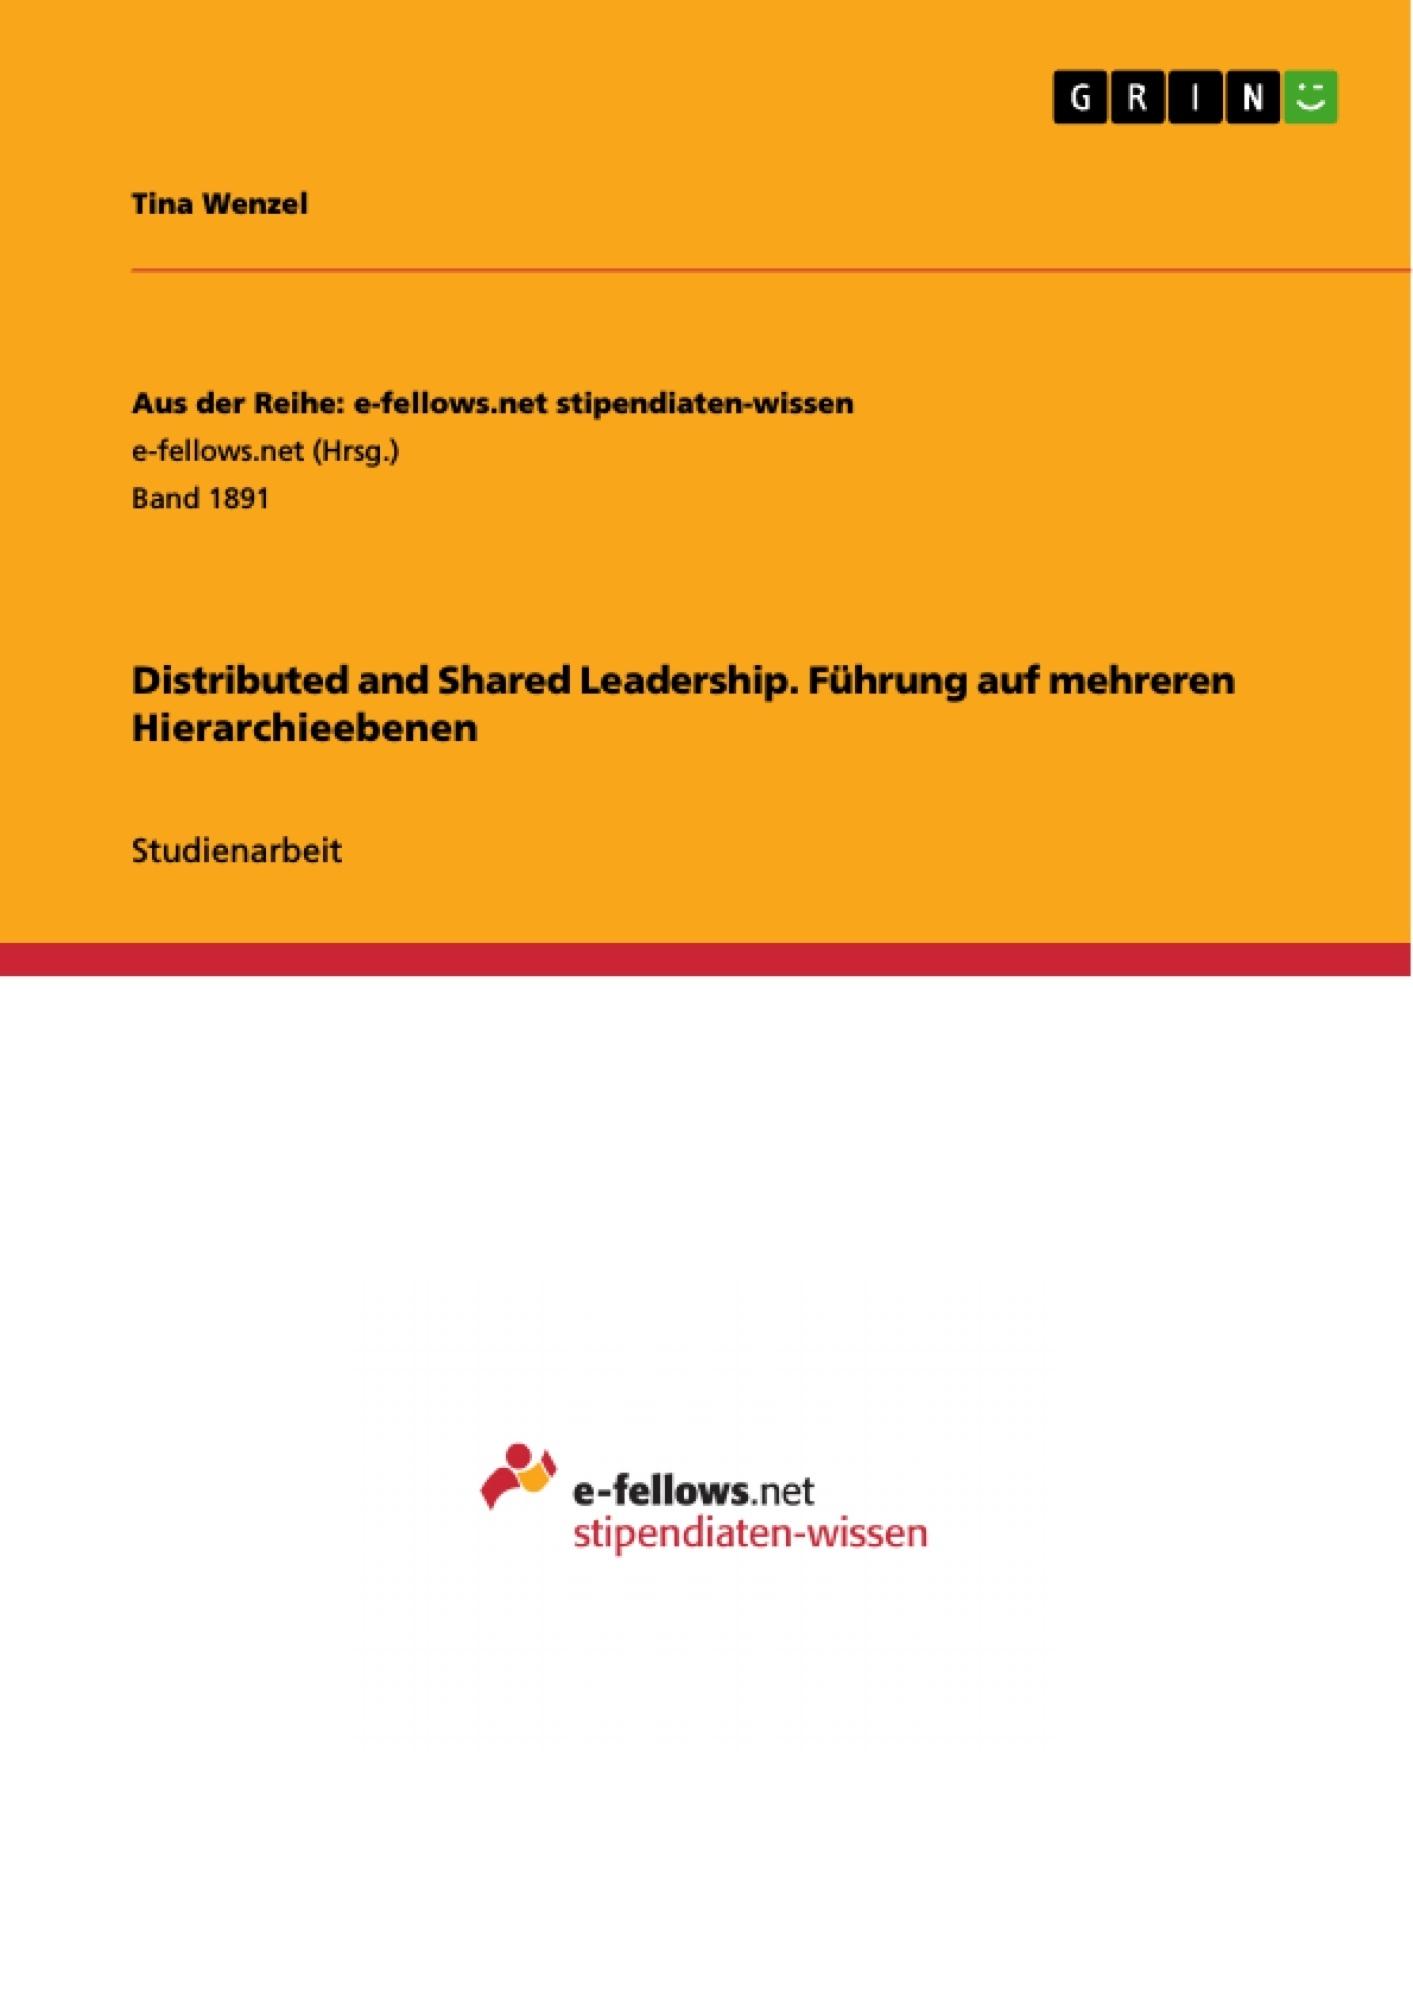 Titel: Distributed and Shared Leadership. Führung auf mehreren Hierarchieebenen